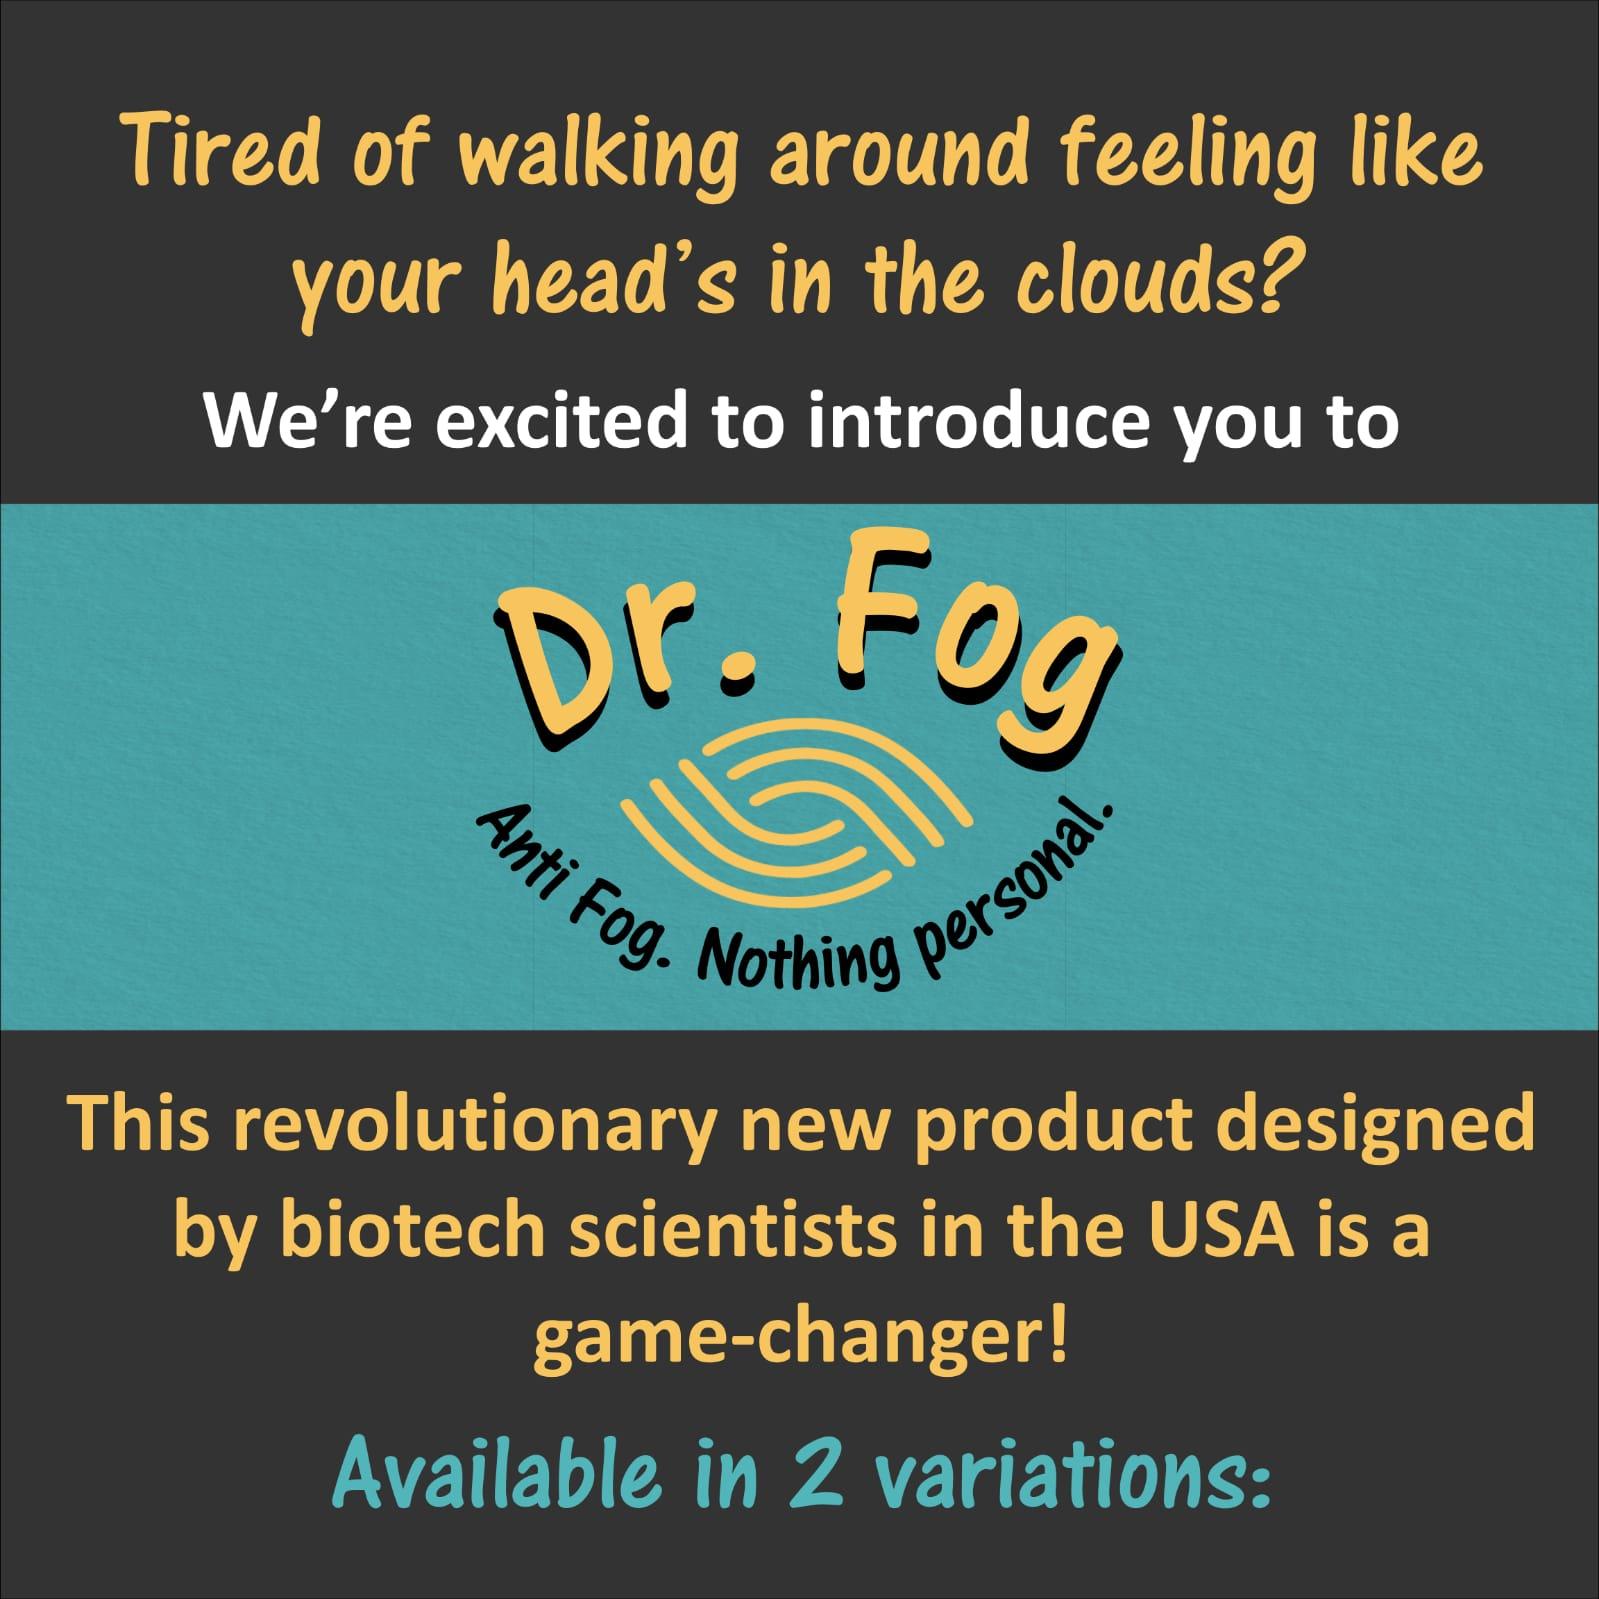 Dr Fog Anti-fogging Products